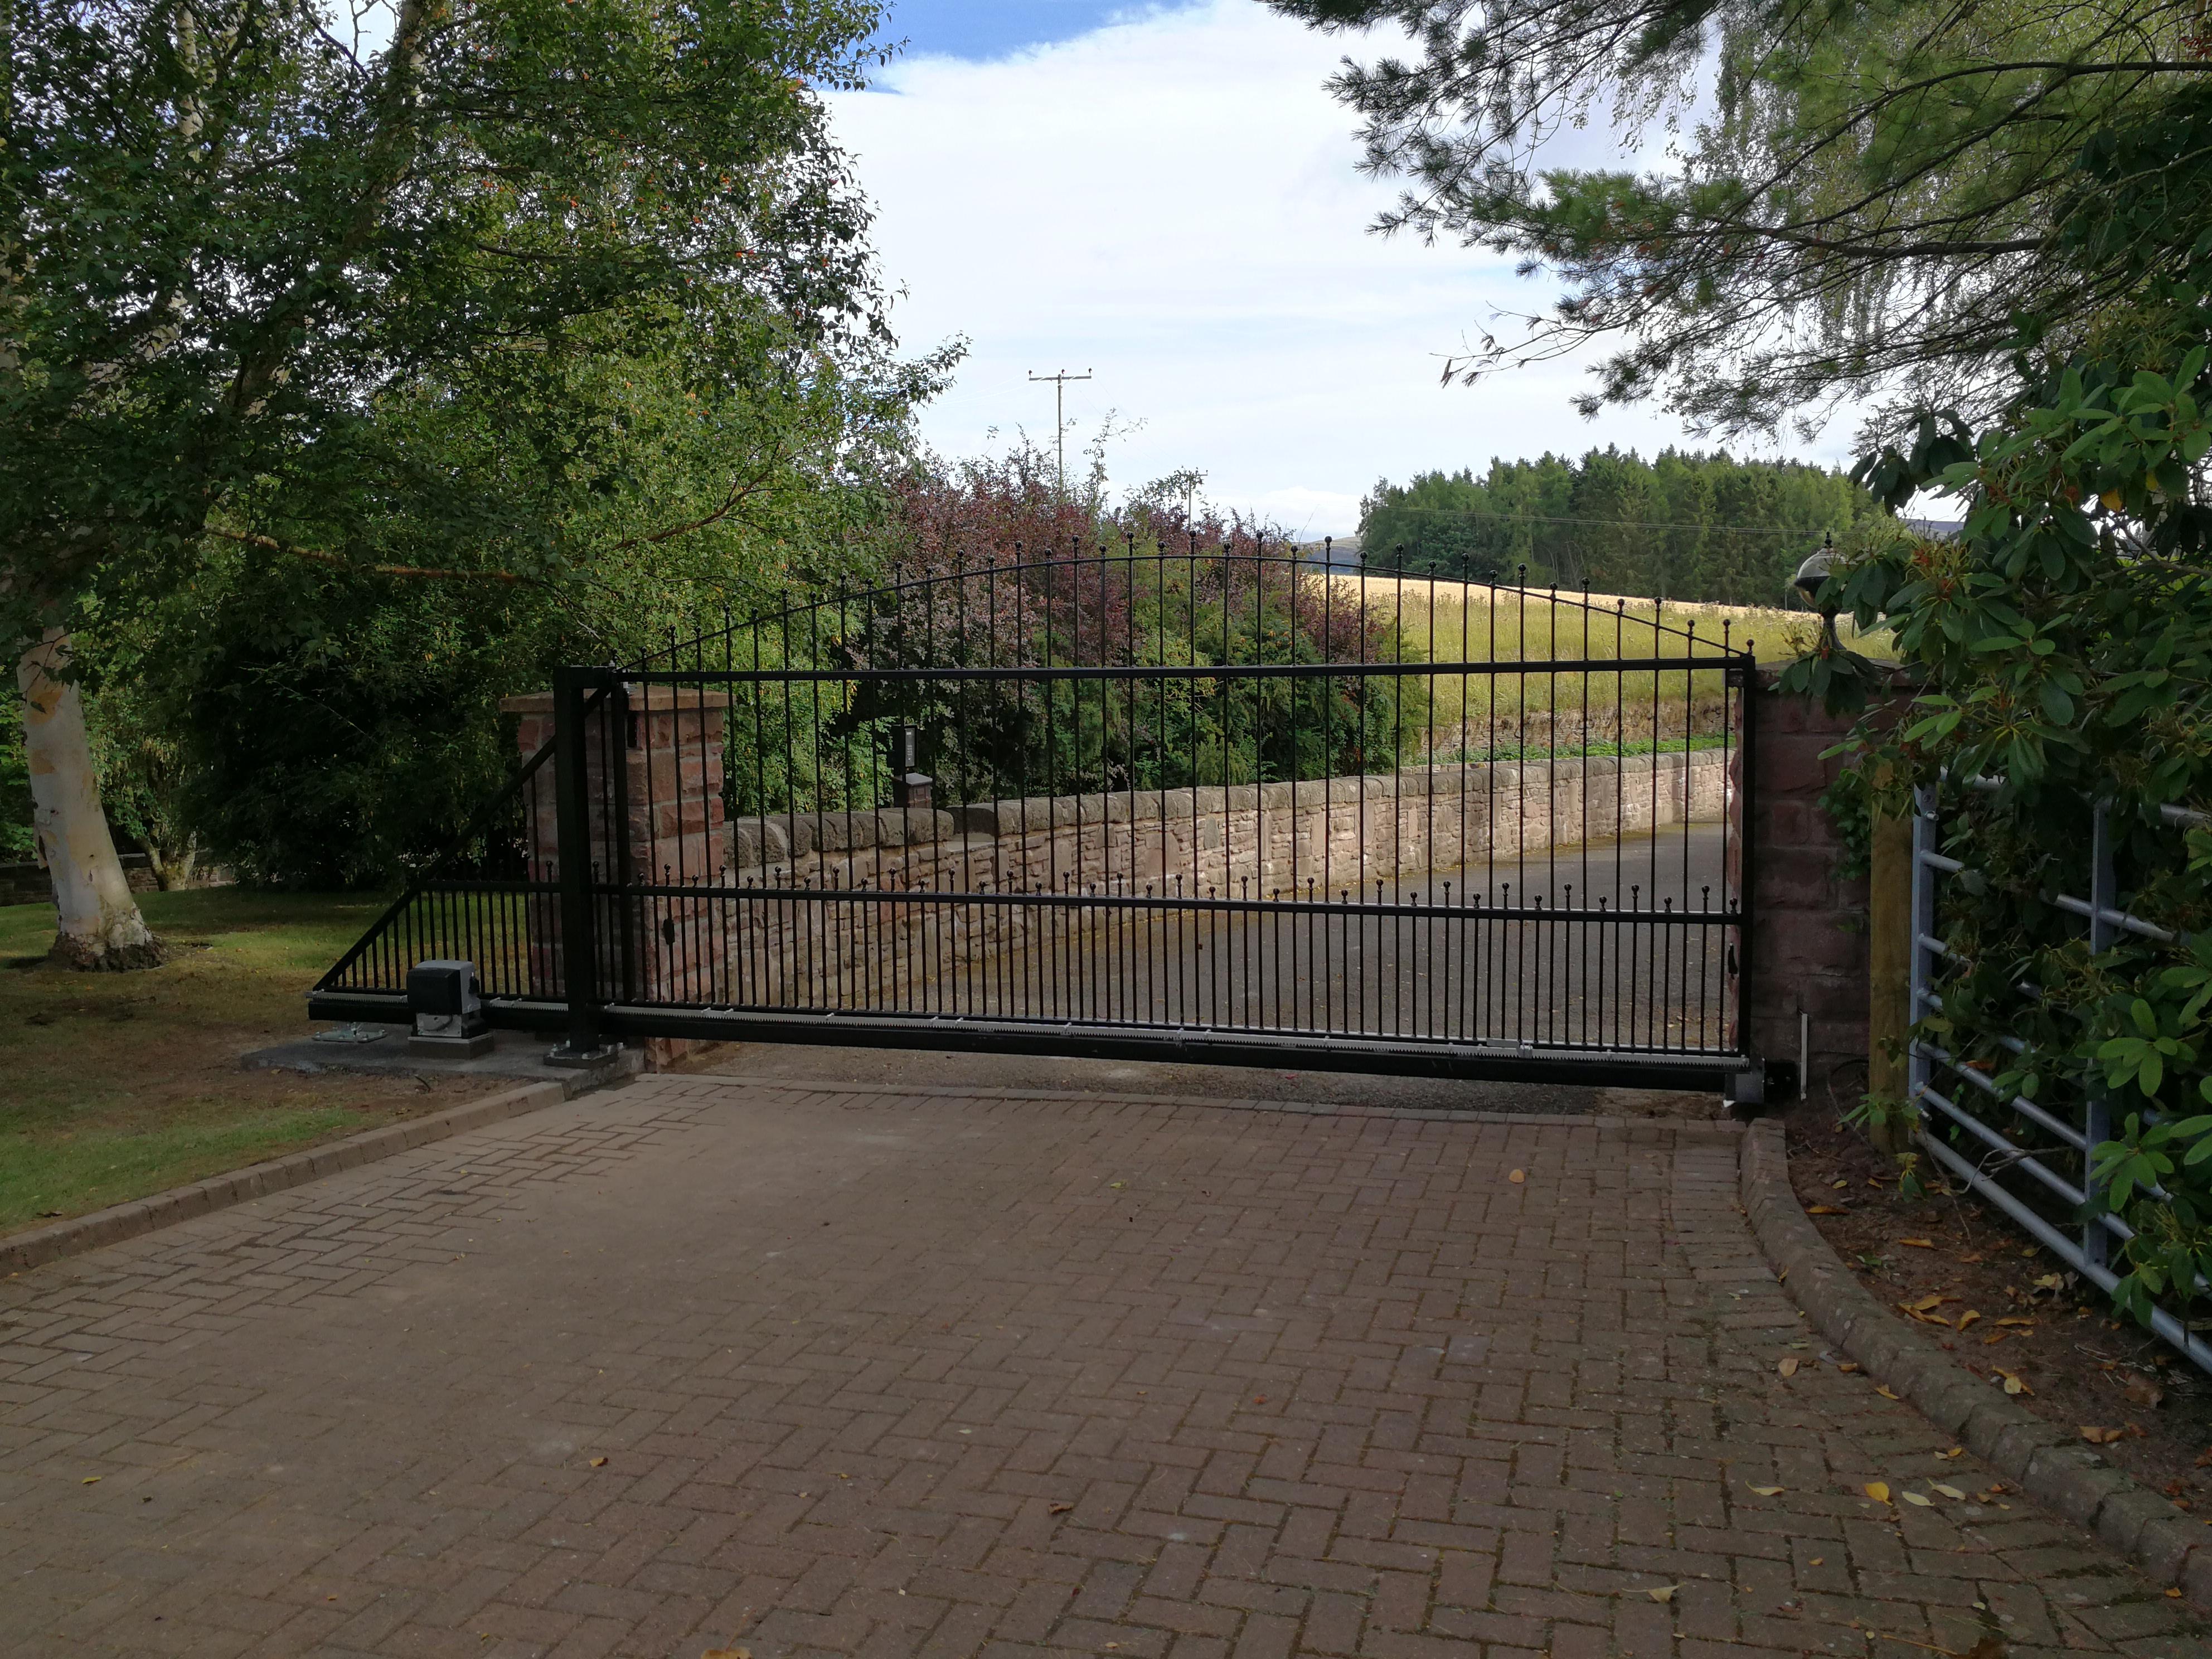 MK BLACKSMITH Ltd - Perth, Perthshire PH2 8DF - 07403 373787 | ShowMeLocal.com